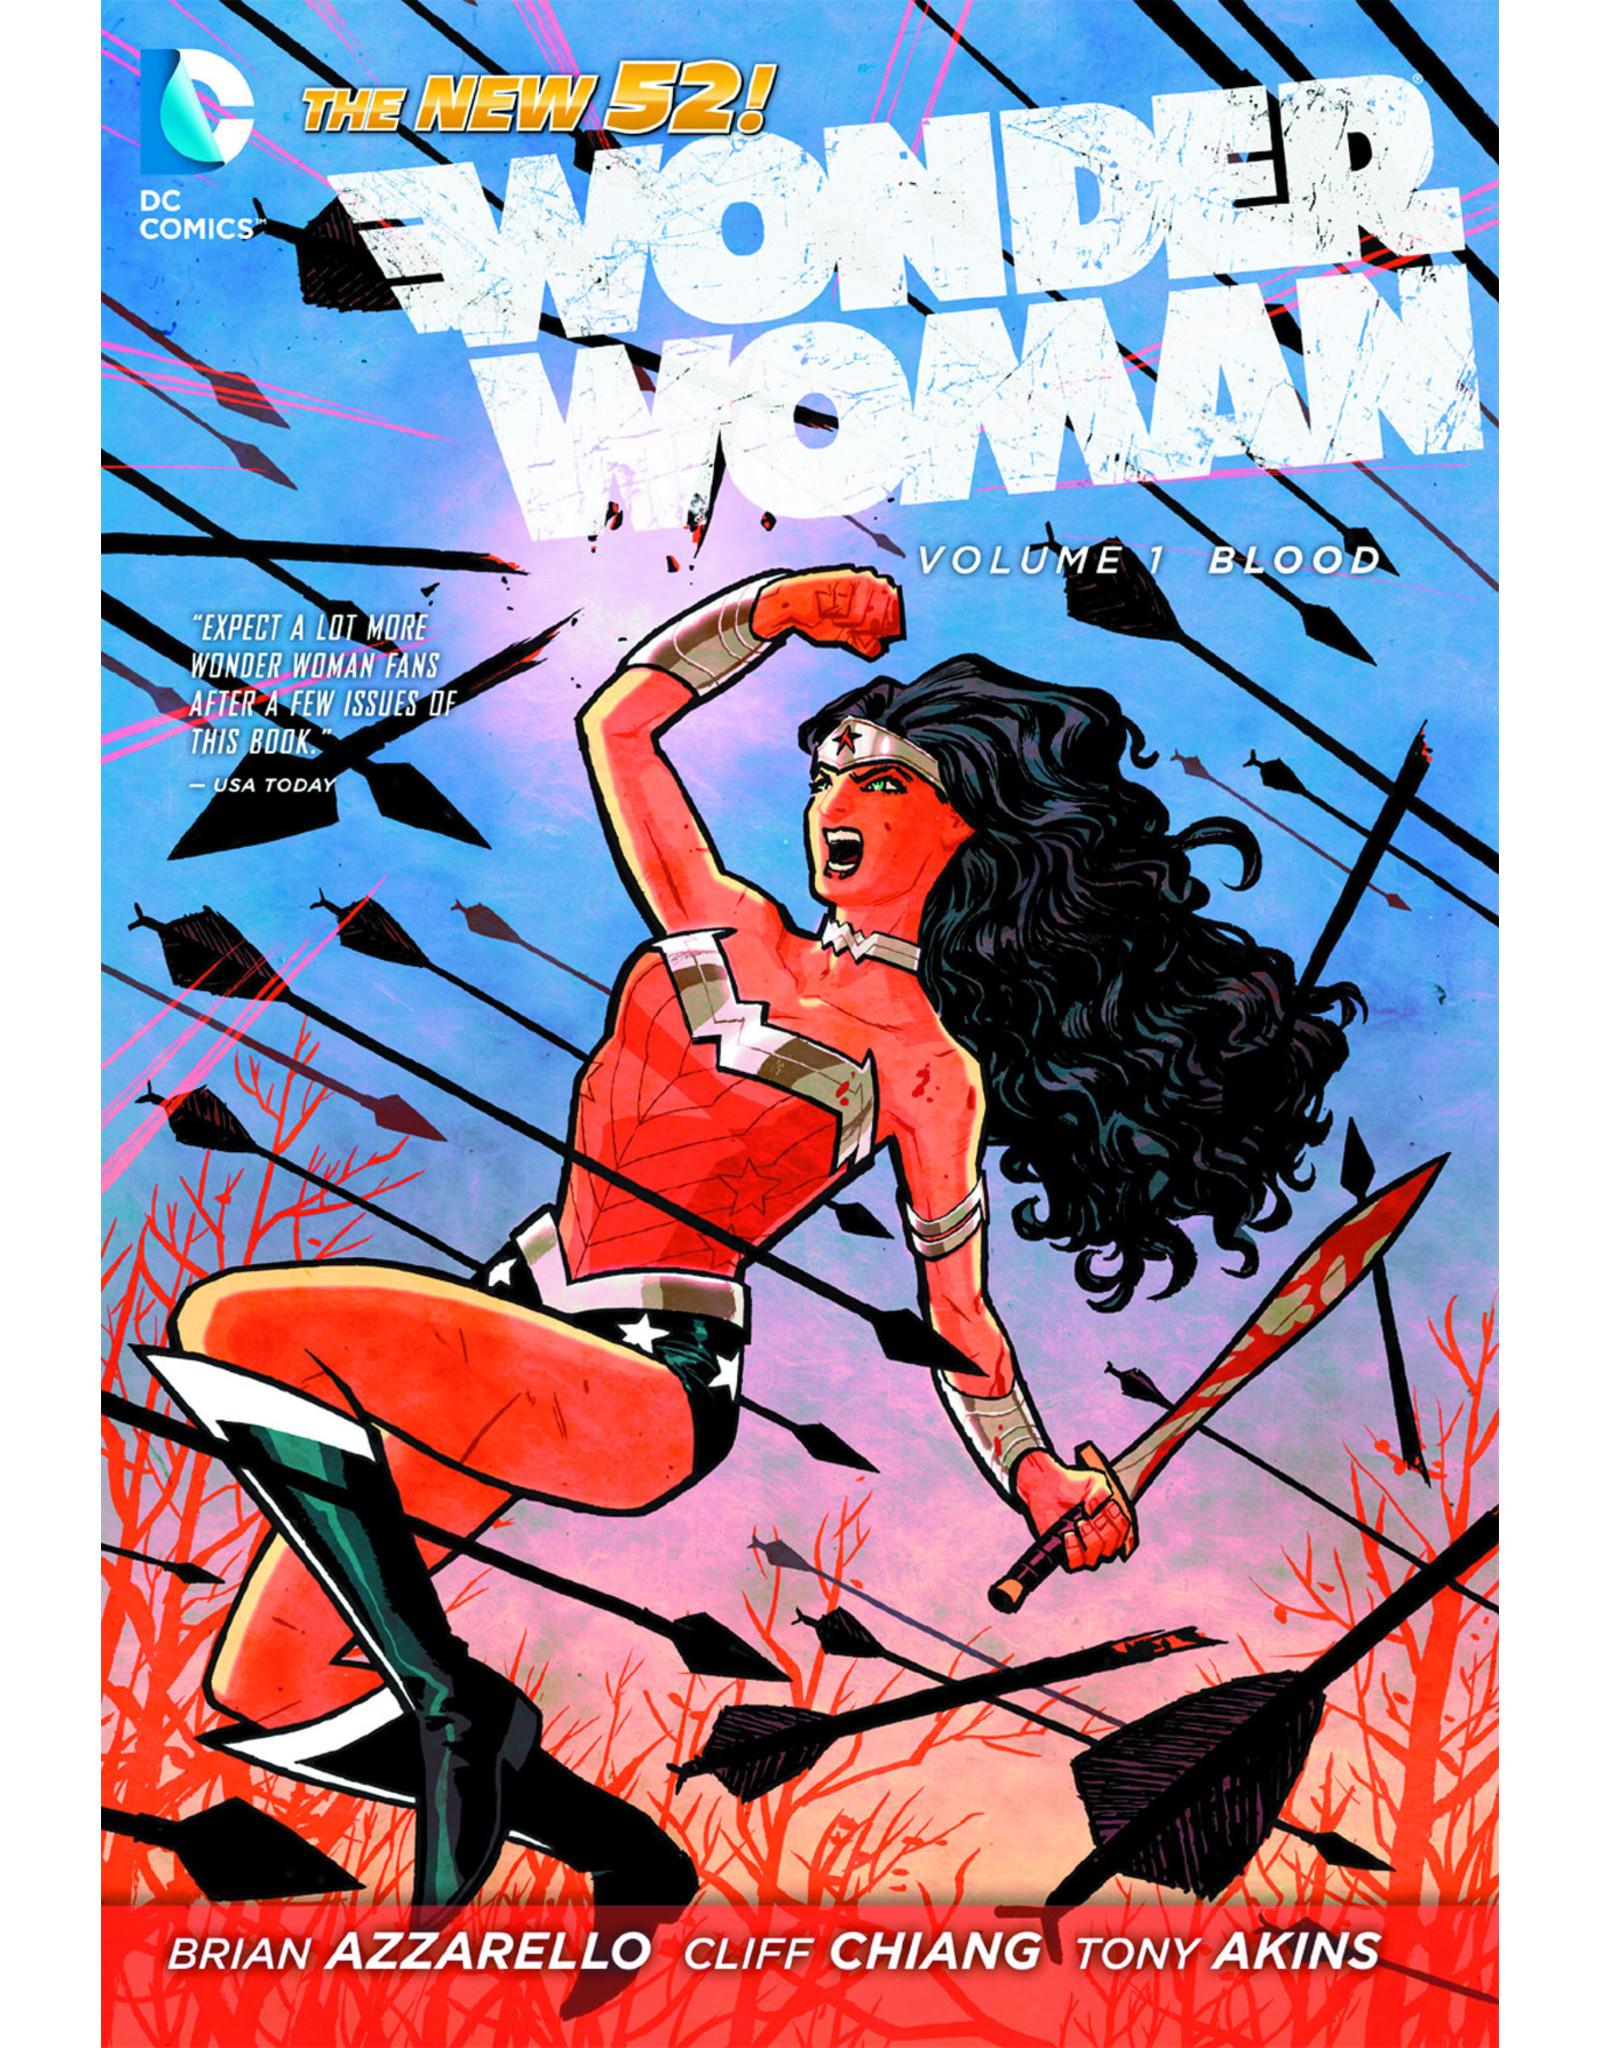 DC COMICS WONDER WOMAN HC VOL 01 BLOOD